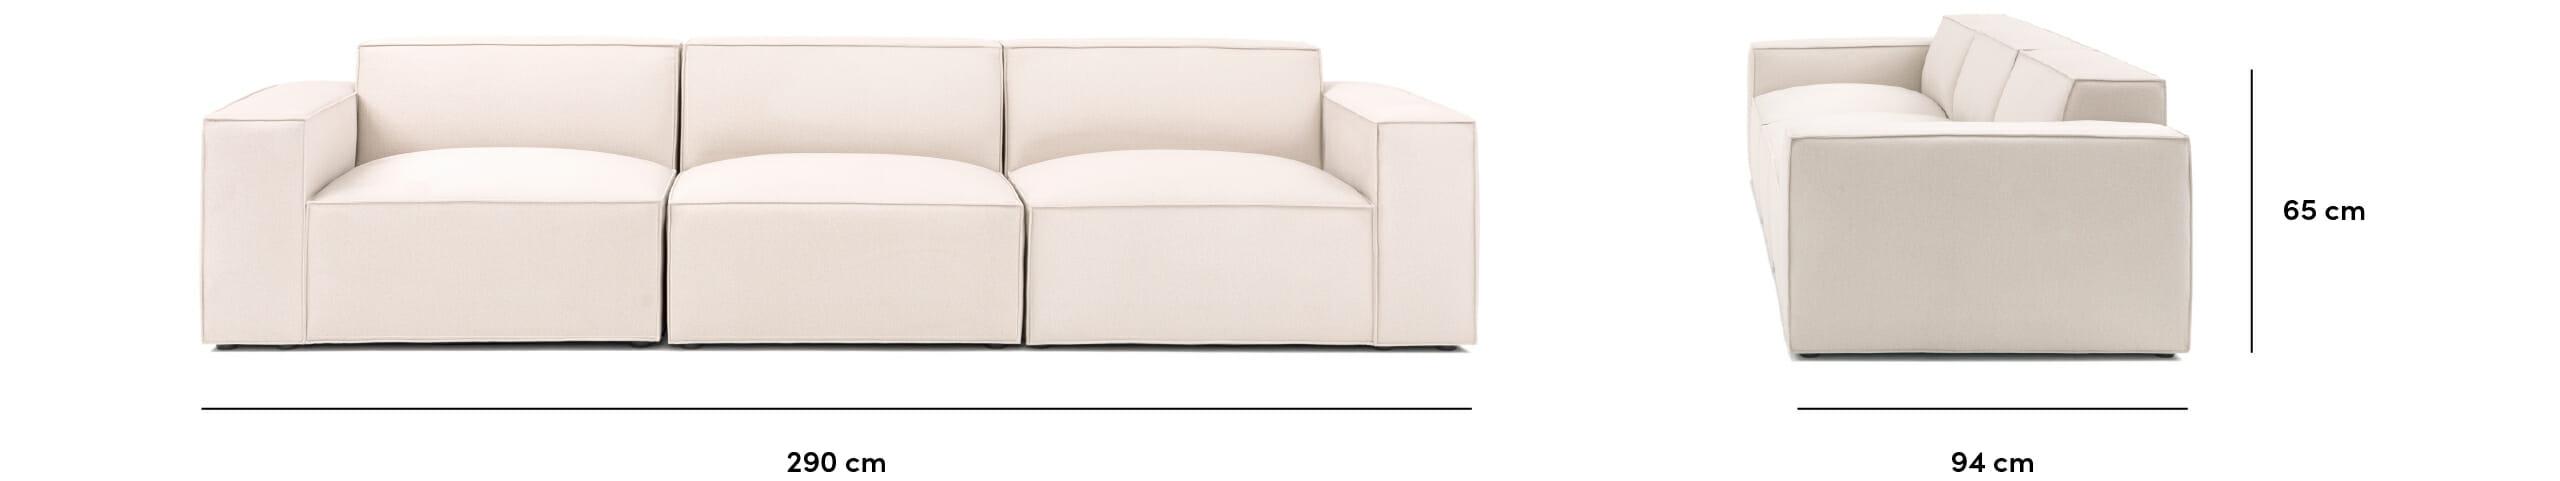 Pacific sofa dimensions